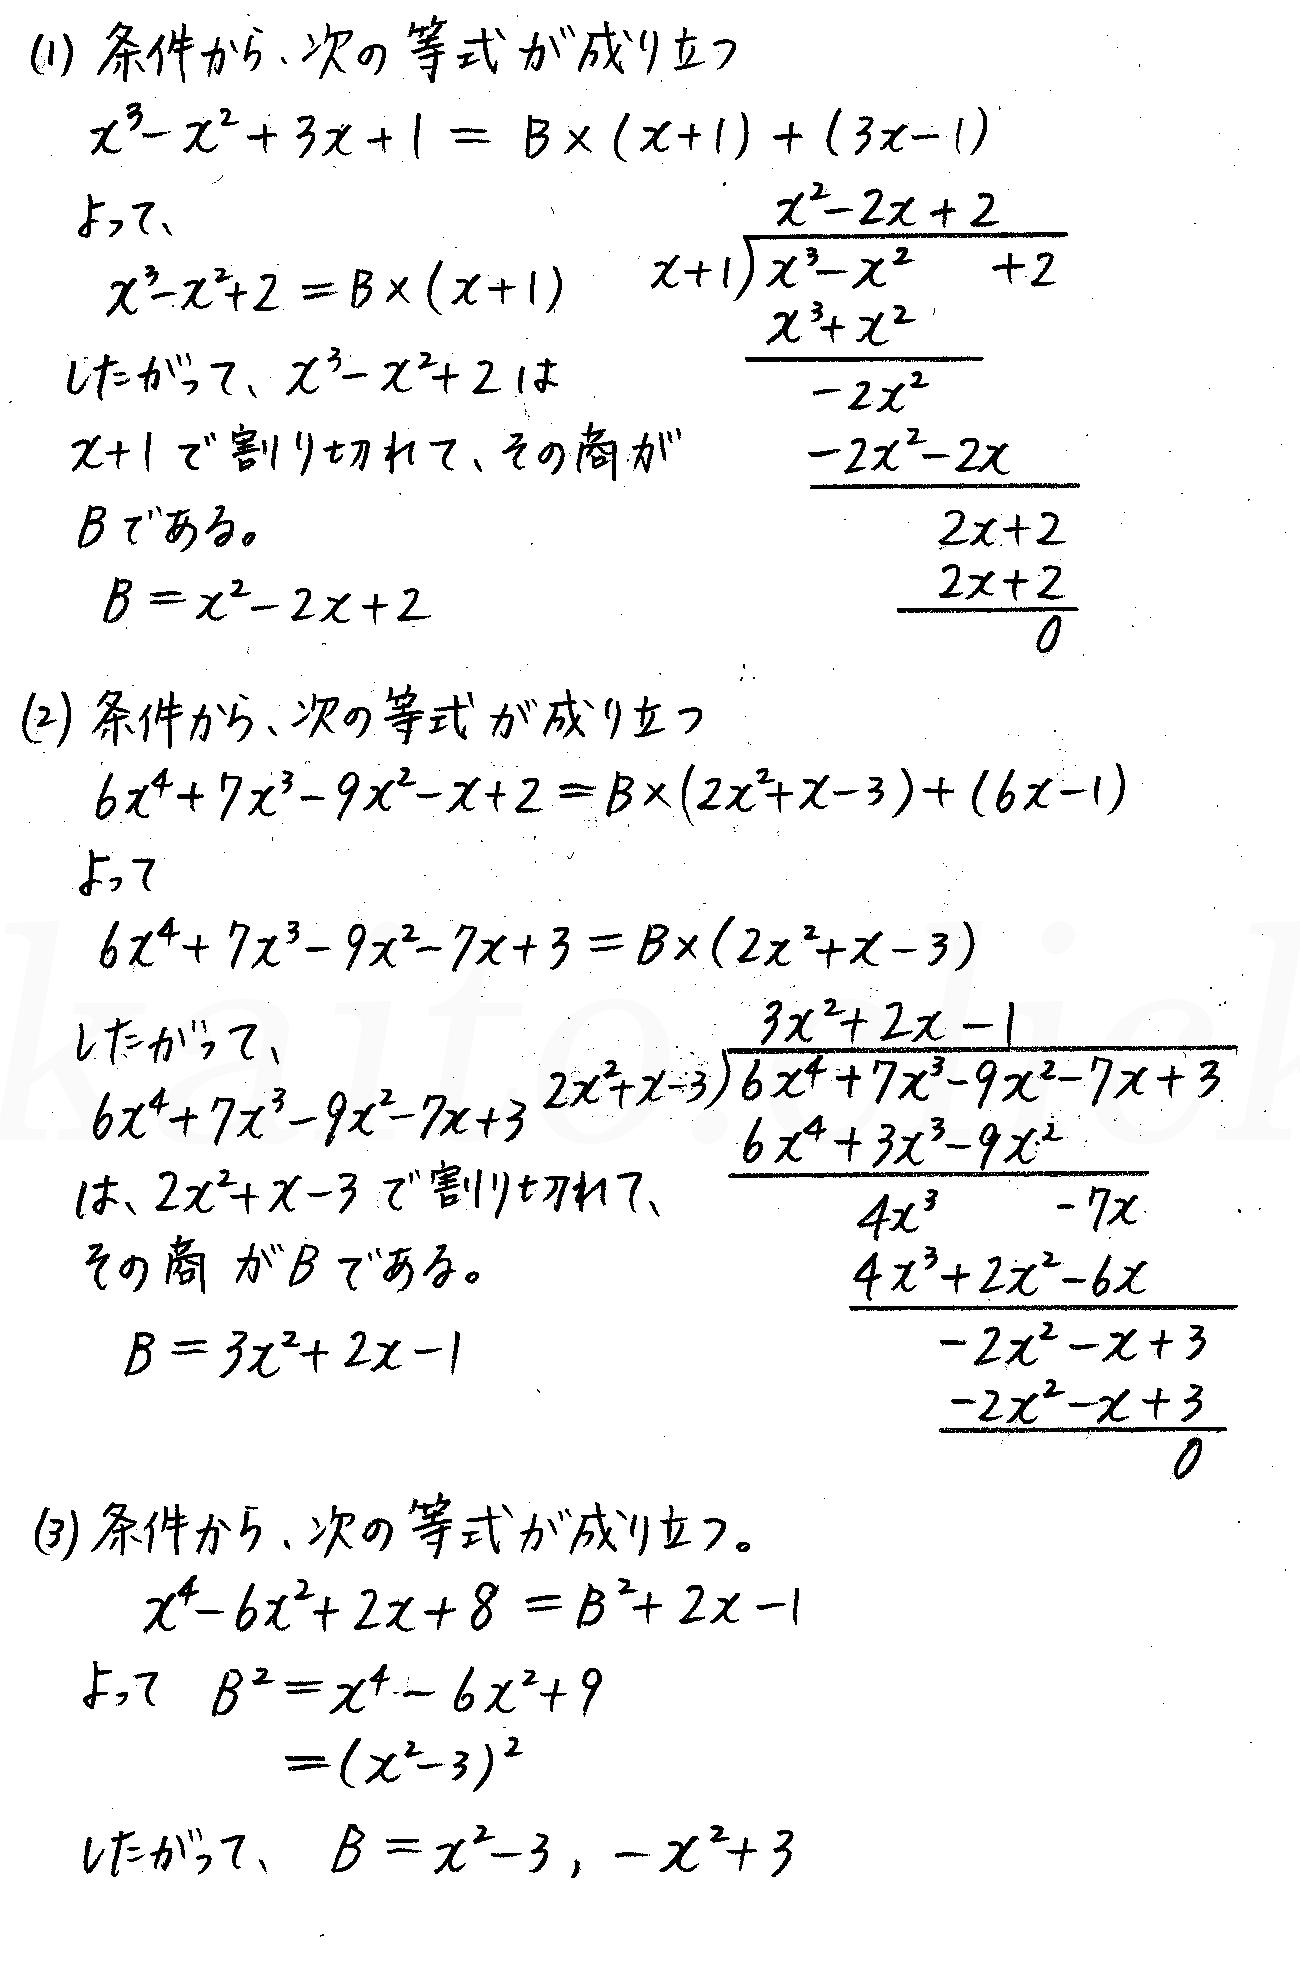 4STEP数学2-24解答